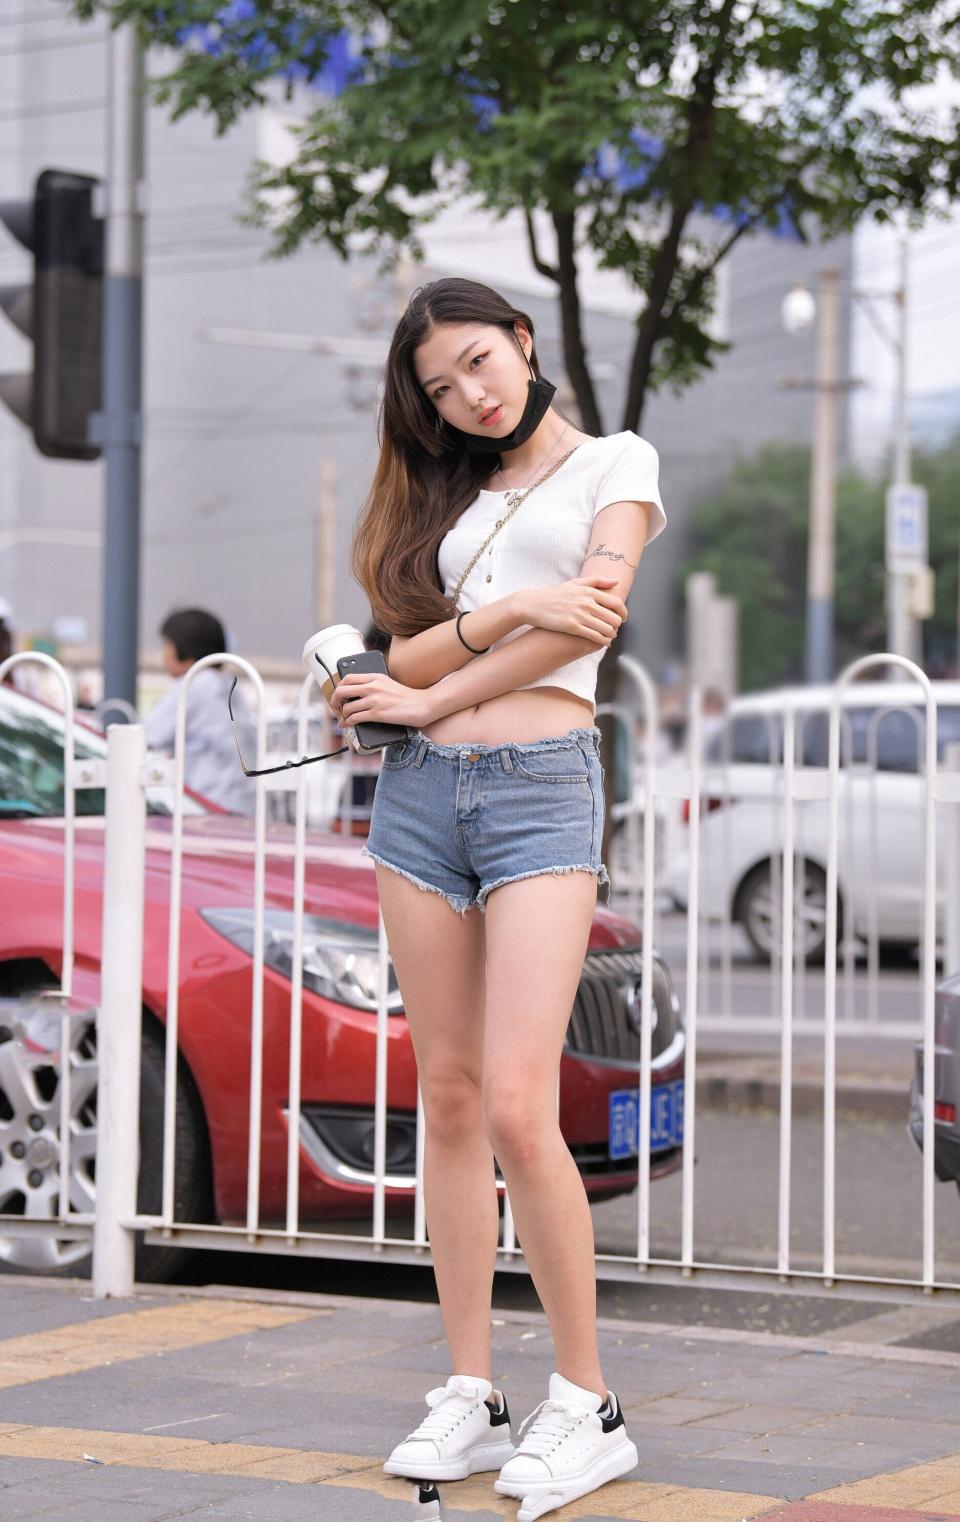 白色排扣短袖衫搭配牛仔热裤,风格独特,气质十足